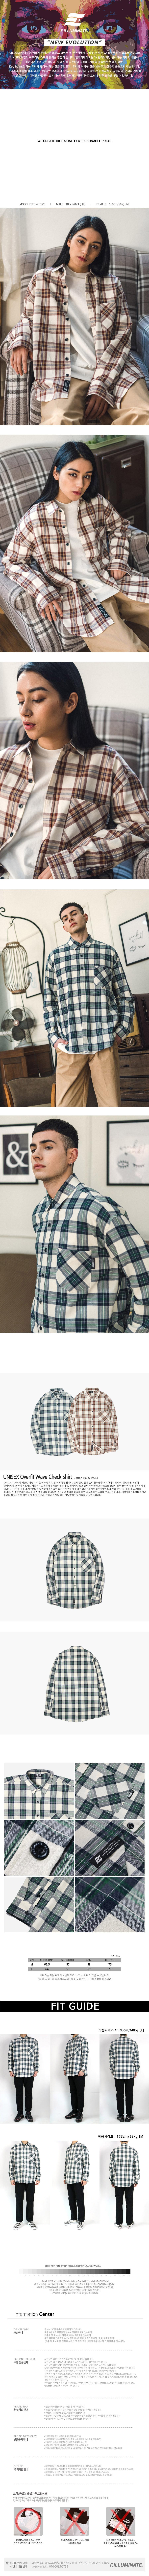 필루미네이트(FILLUMINATE) 유니섹스 오버핏 웨이브 체크 셔츠-그린